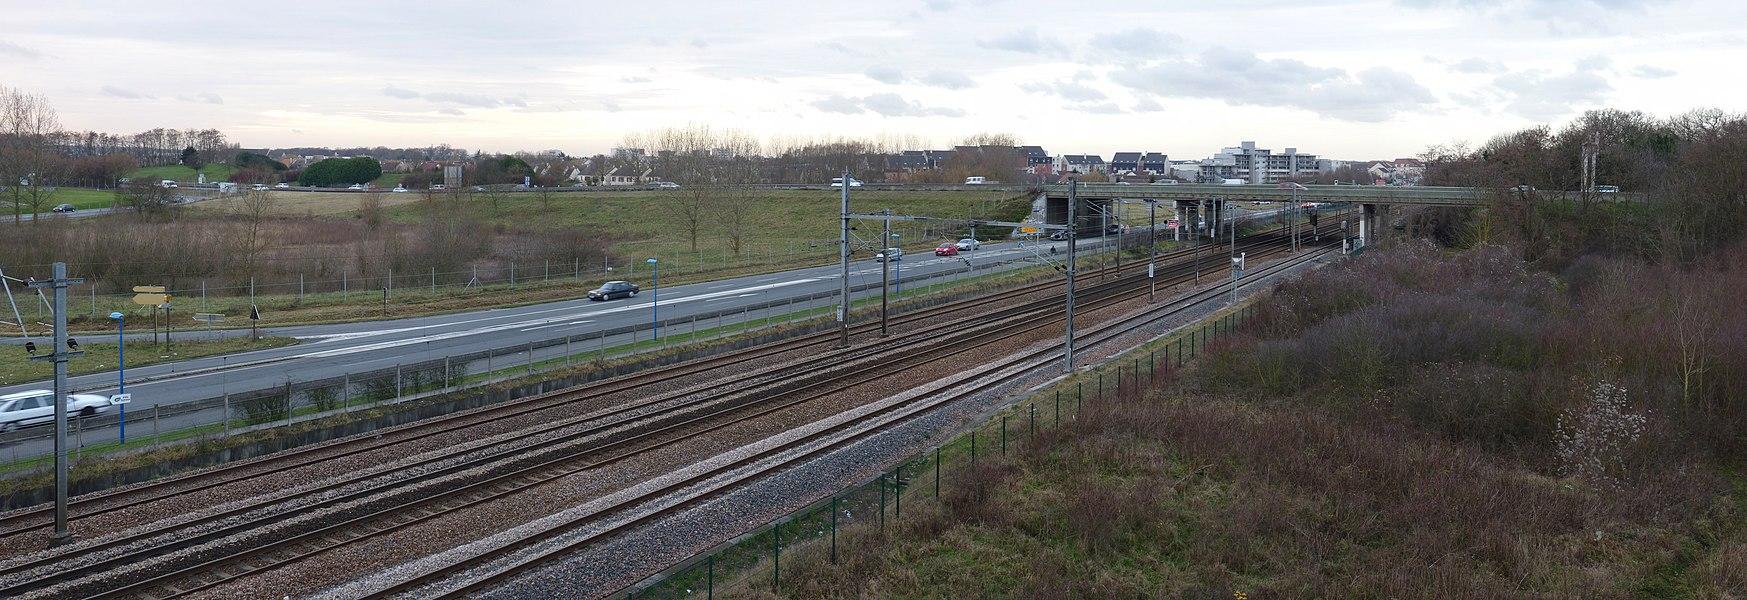 Ligne Paris - Mulhouse, D 361, N 104